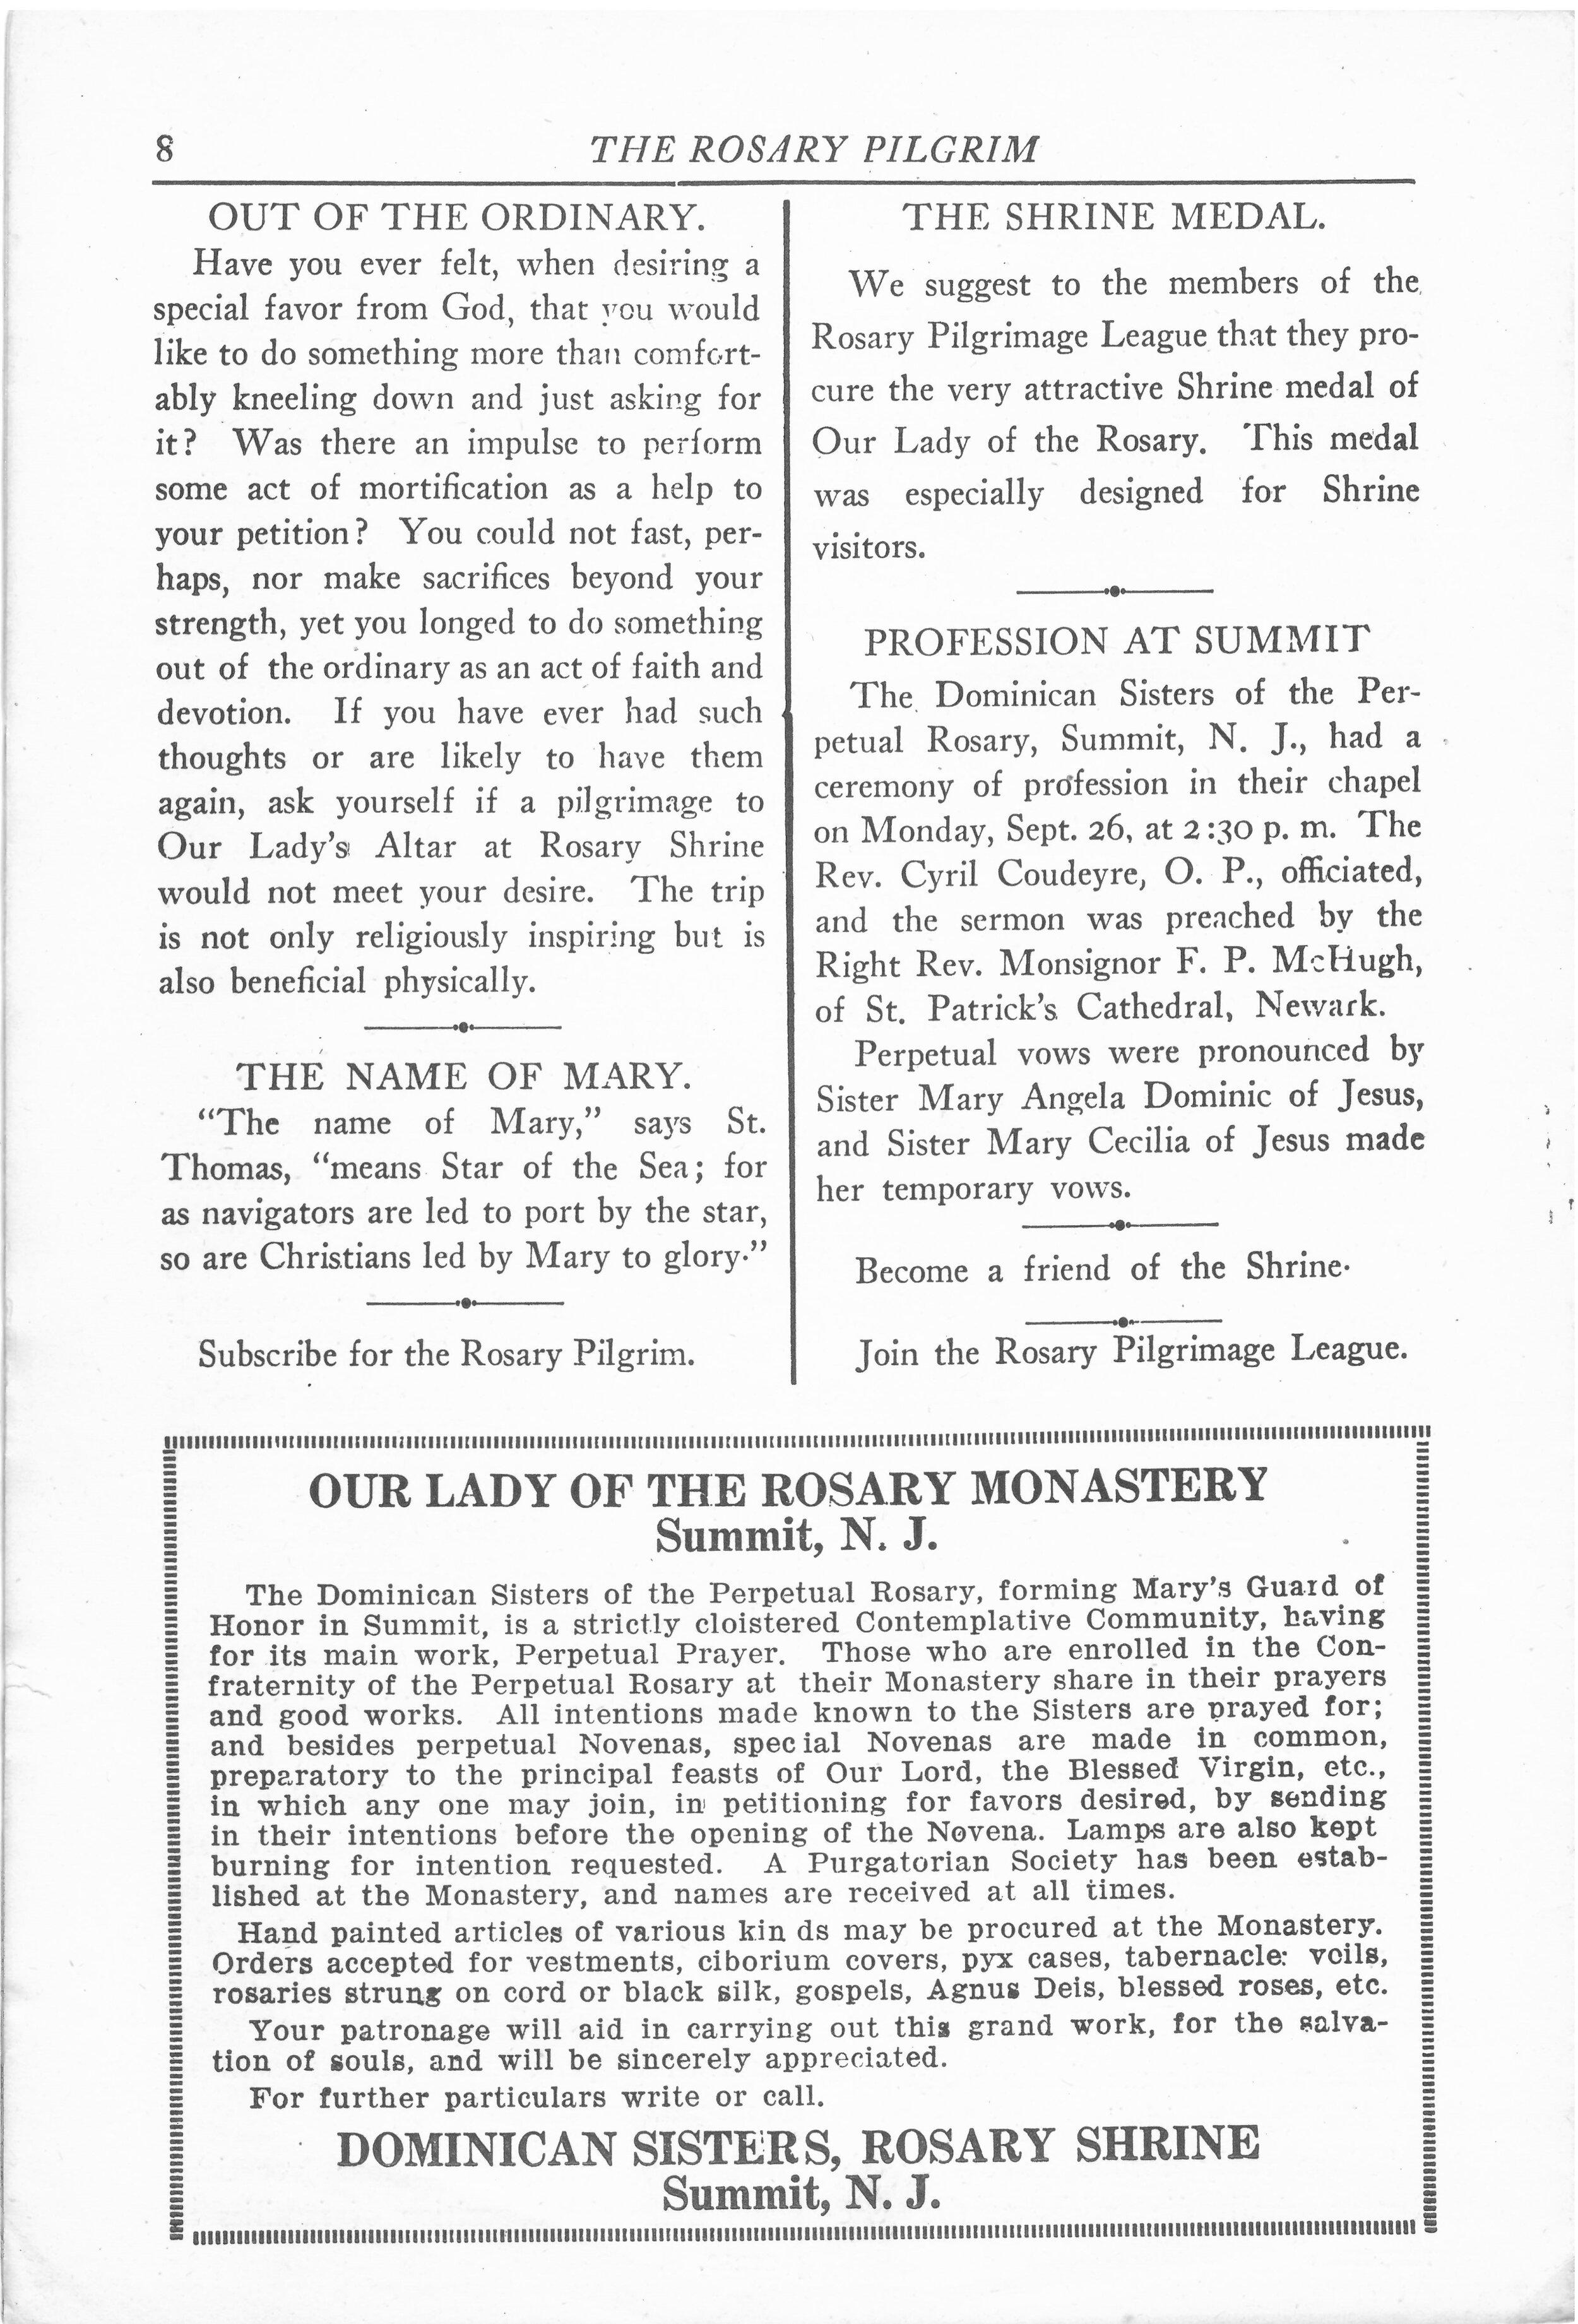 Rosary Pilgrim 1 page 8.jpg